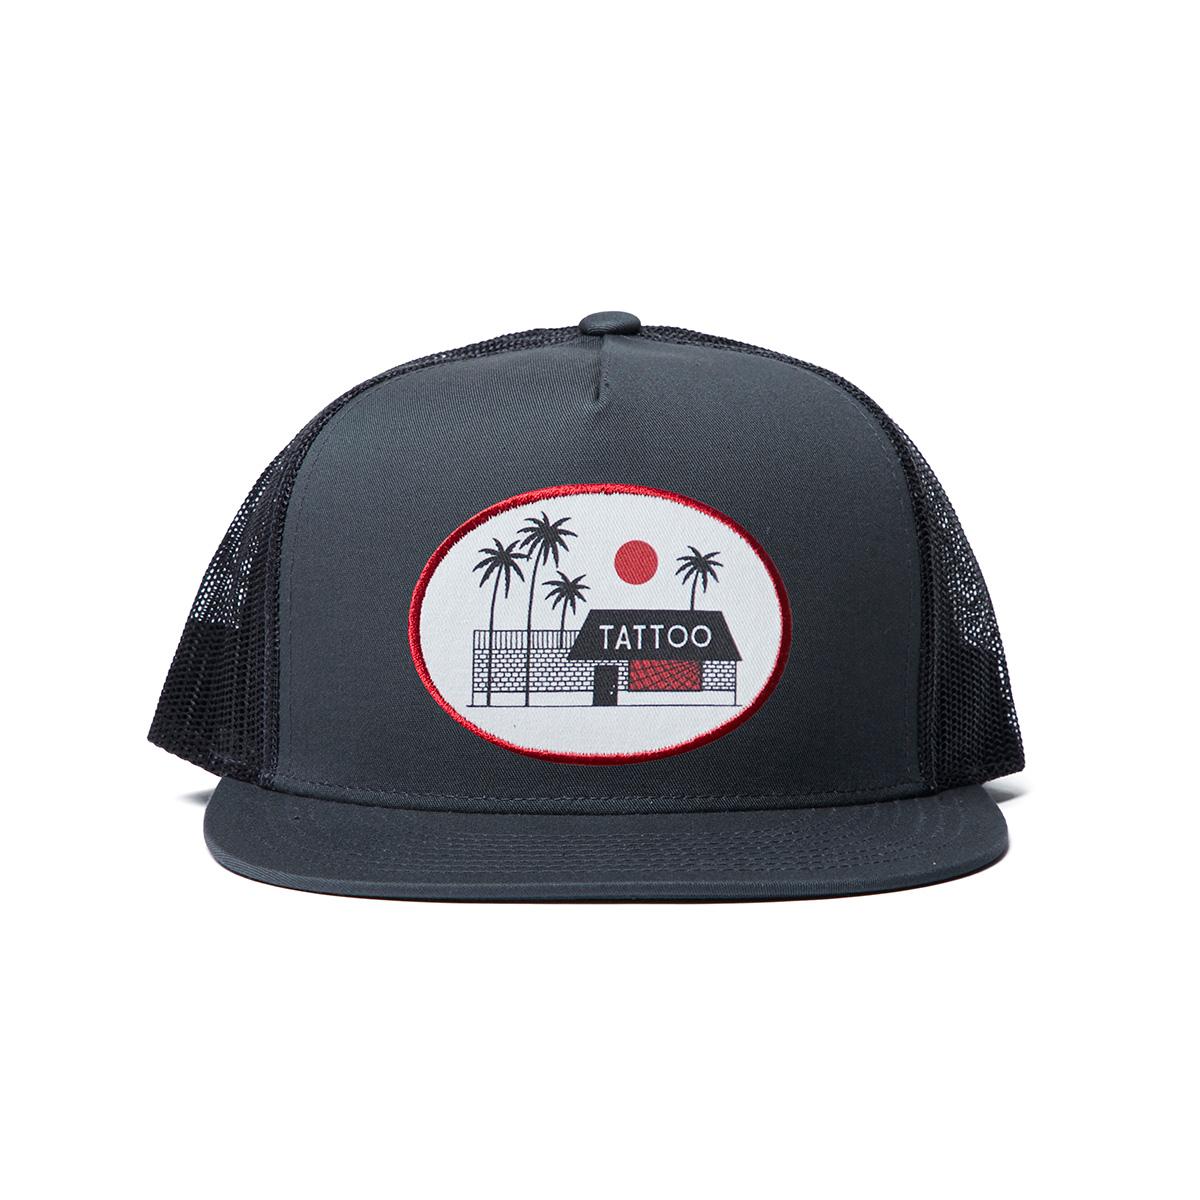 THE SHOP CAP